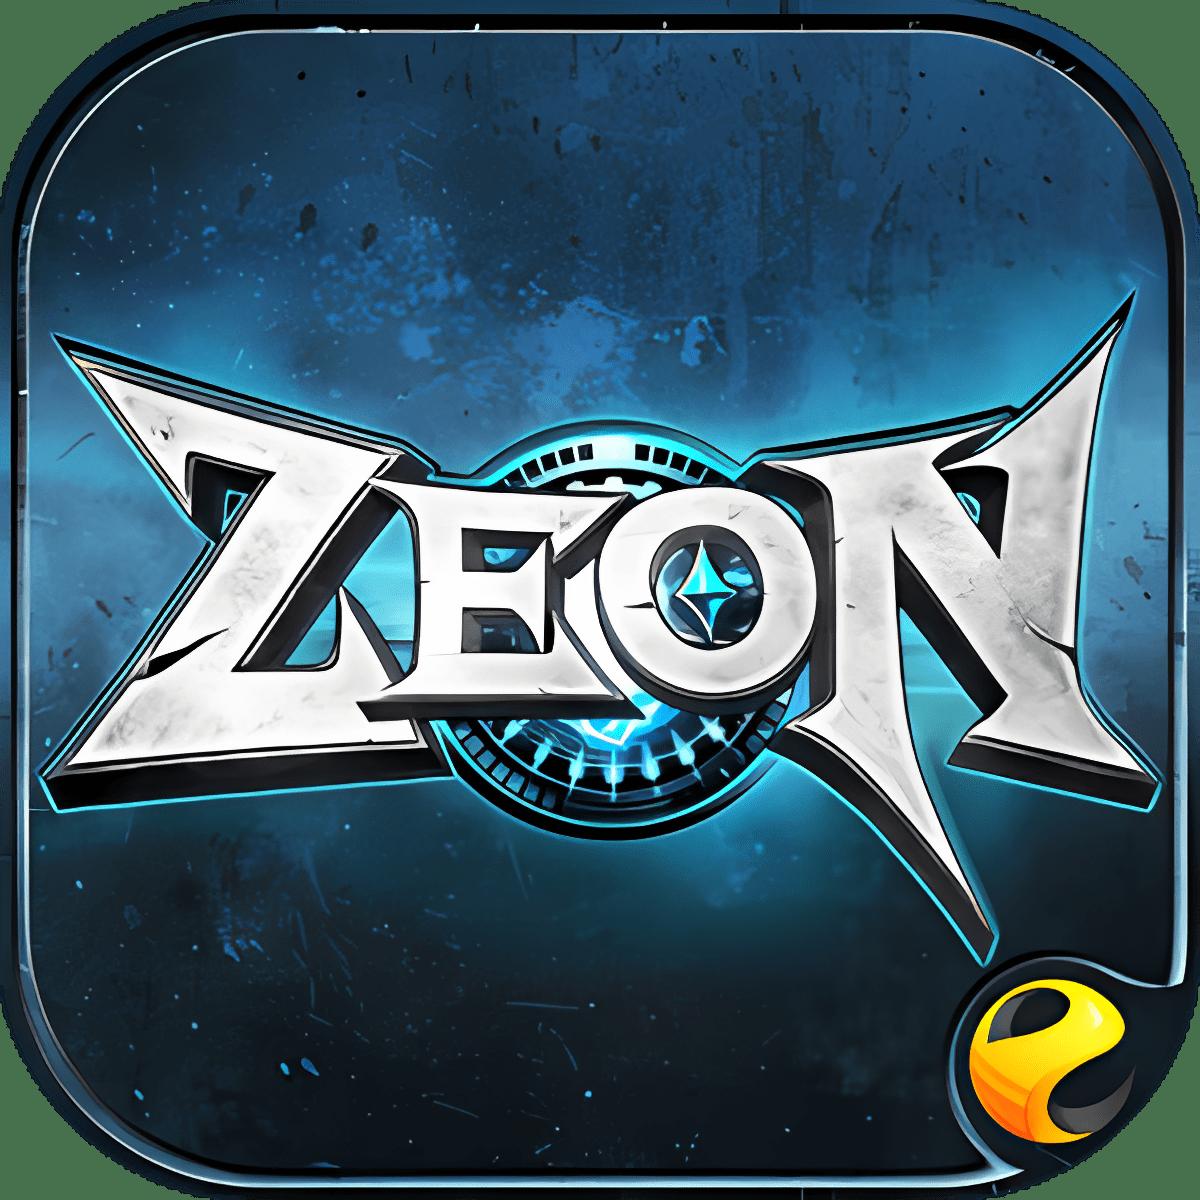 Zeon 1.1